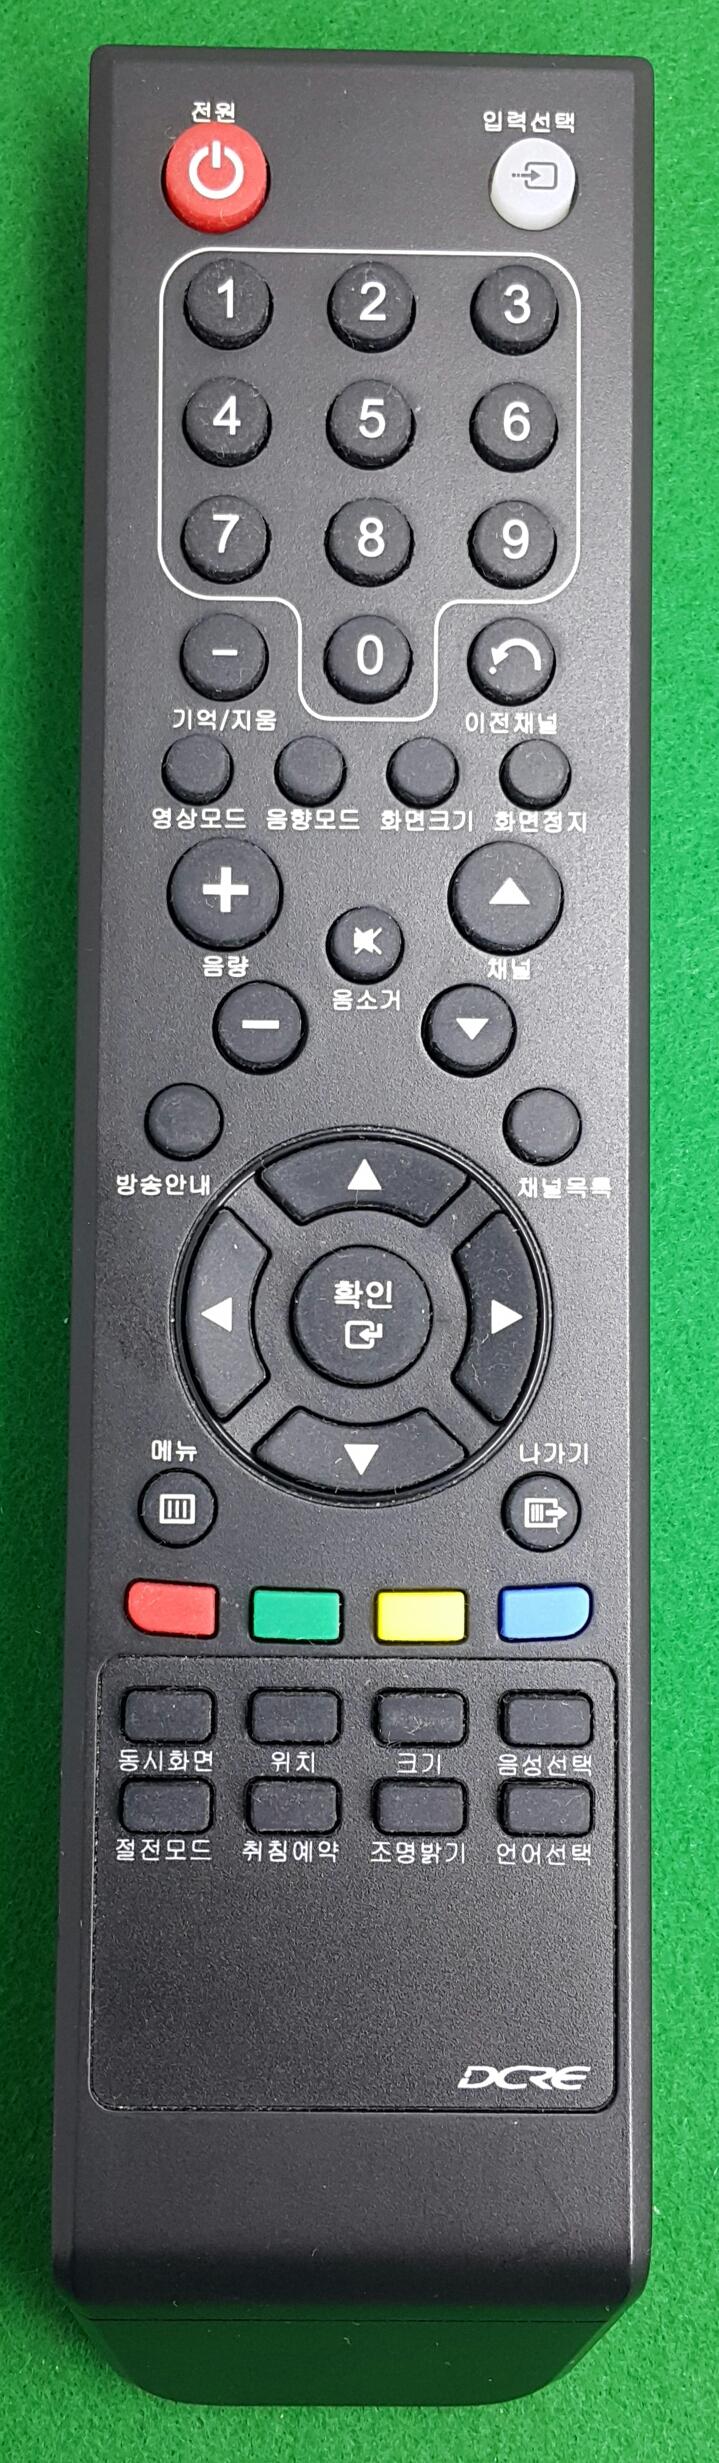 CEIN BLU_CEIN BLU_L807F 3AC5_TV.CEIN_BLU_00001_cover.png